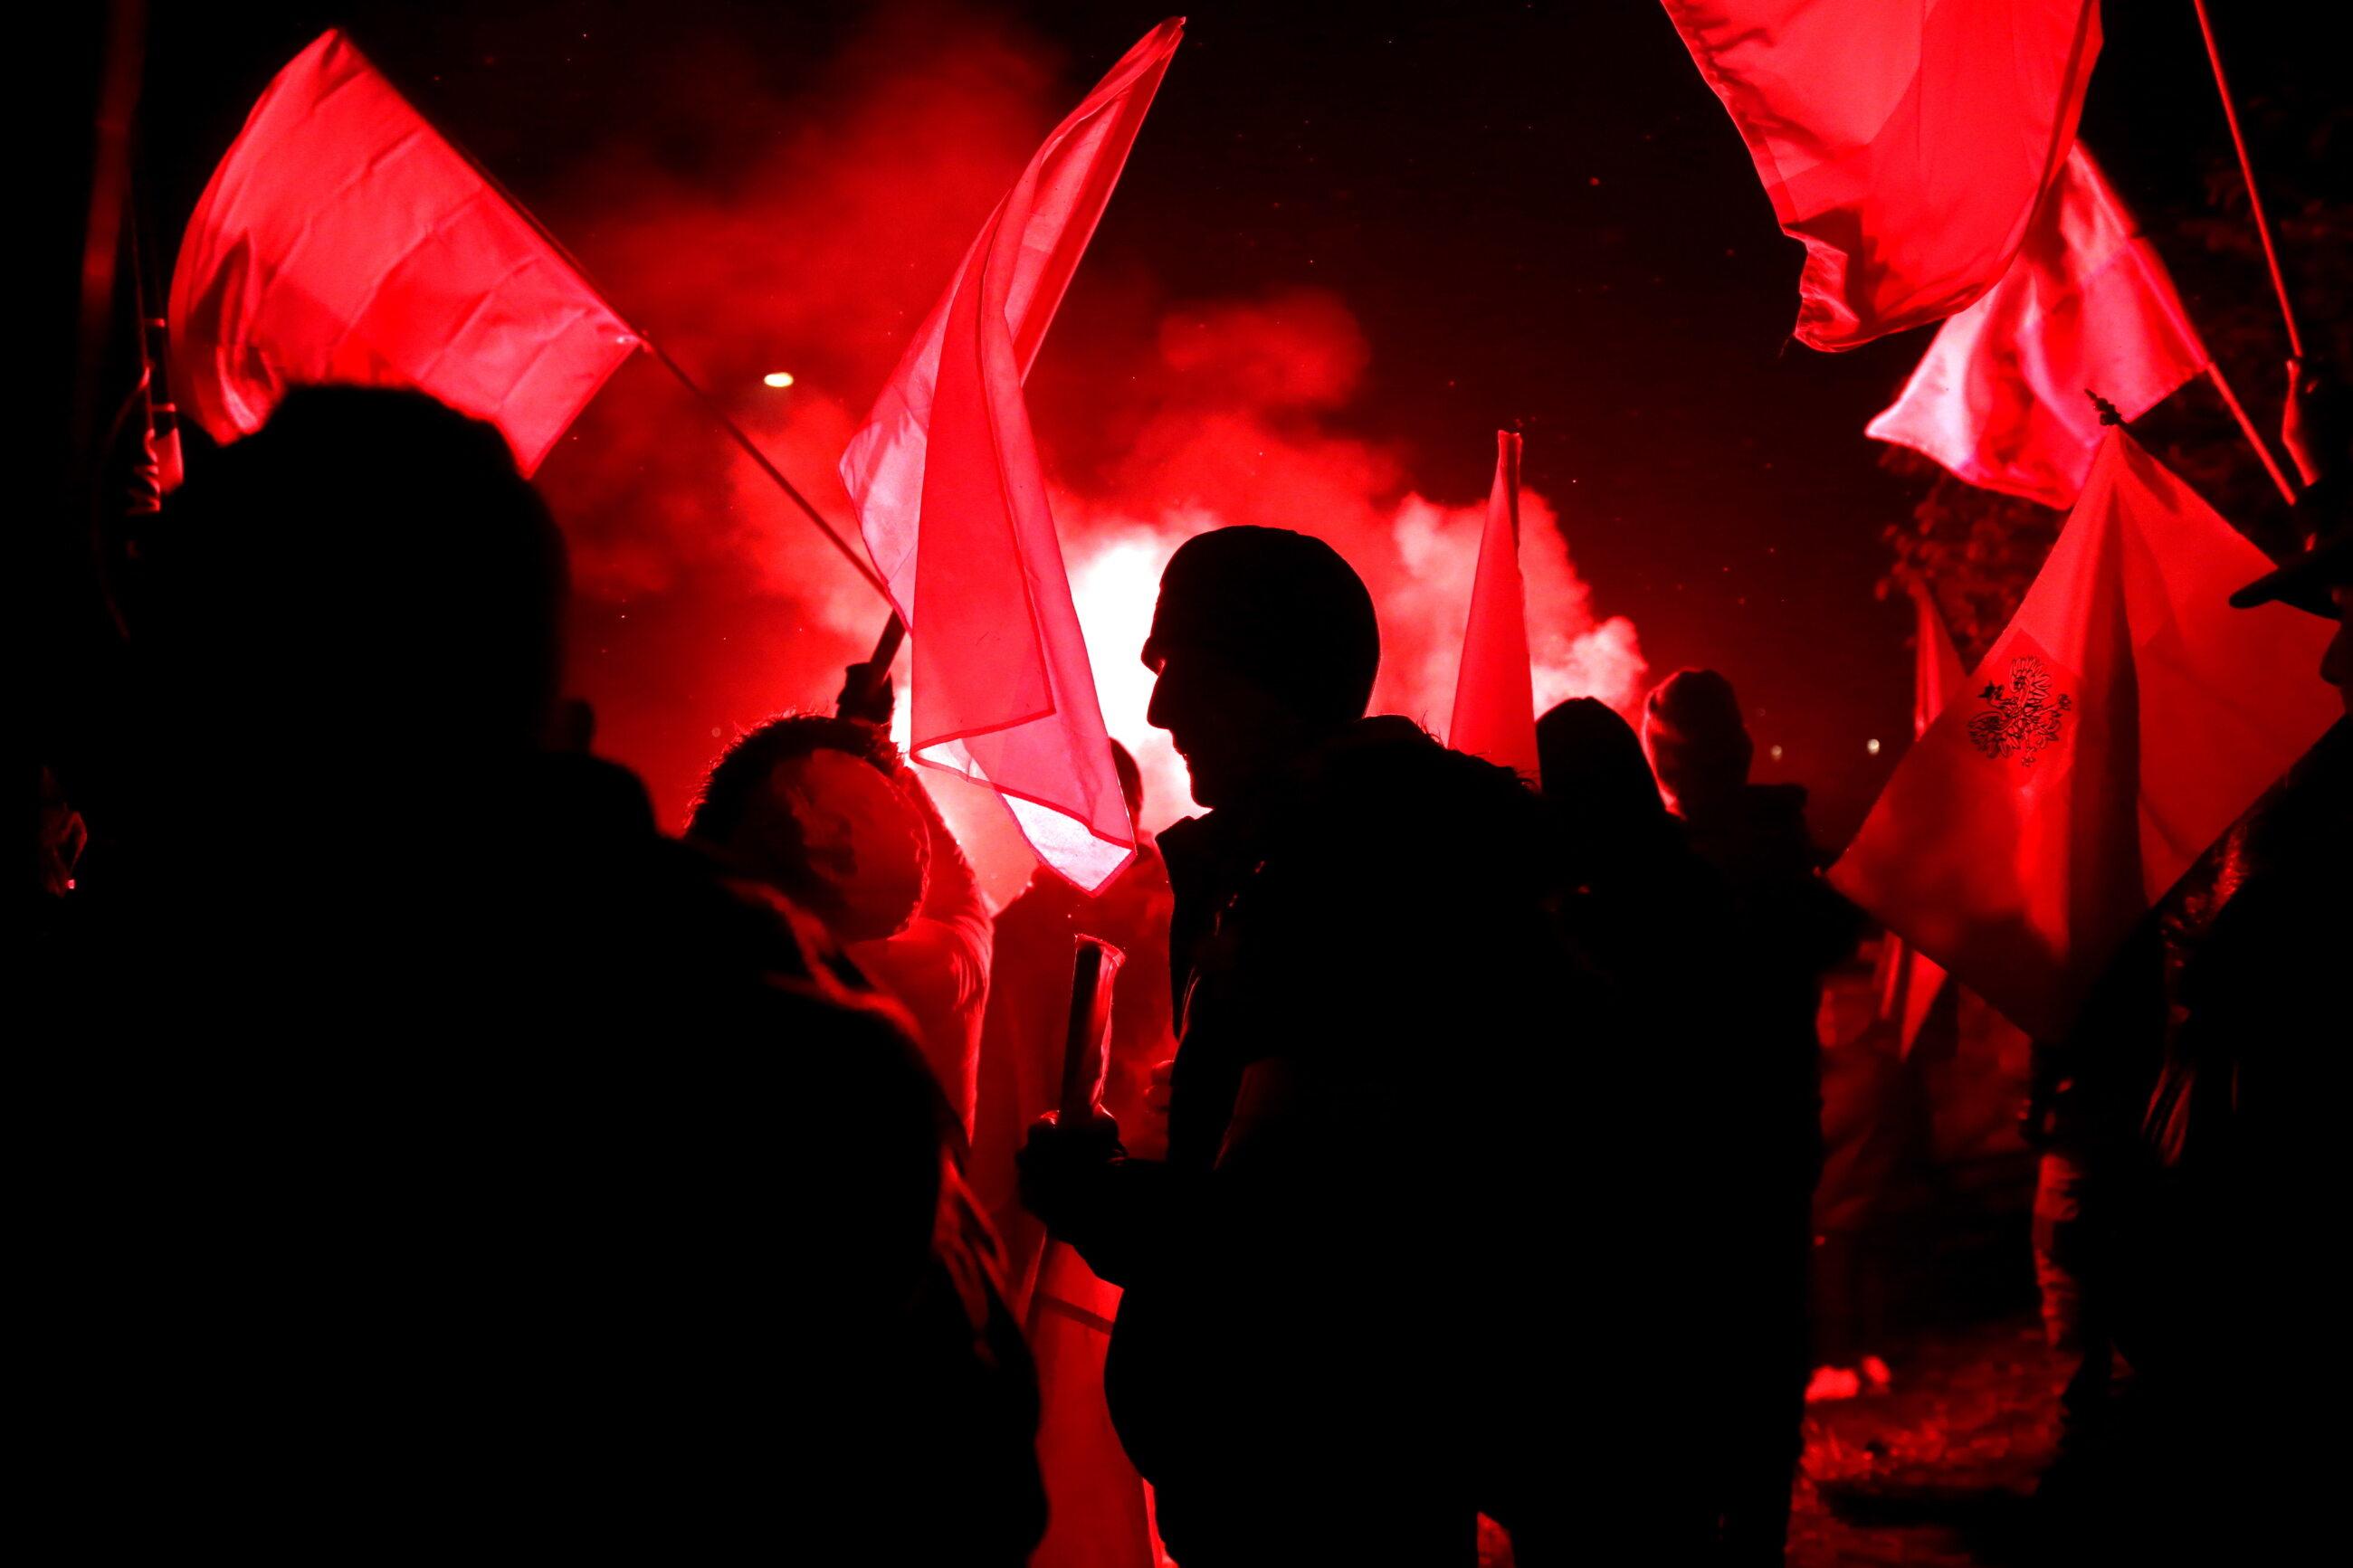 Uczestnicy Marszu Niepodległości 2016 na błoniach Stadionu Narodowego w Warszawie